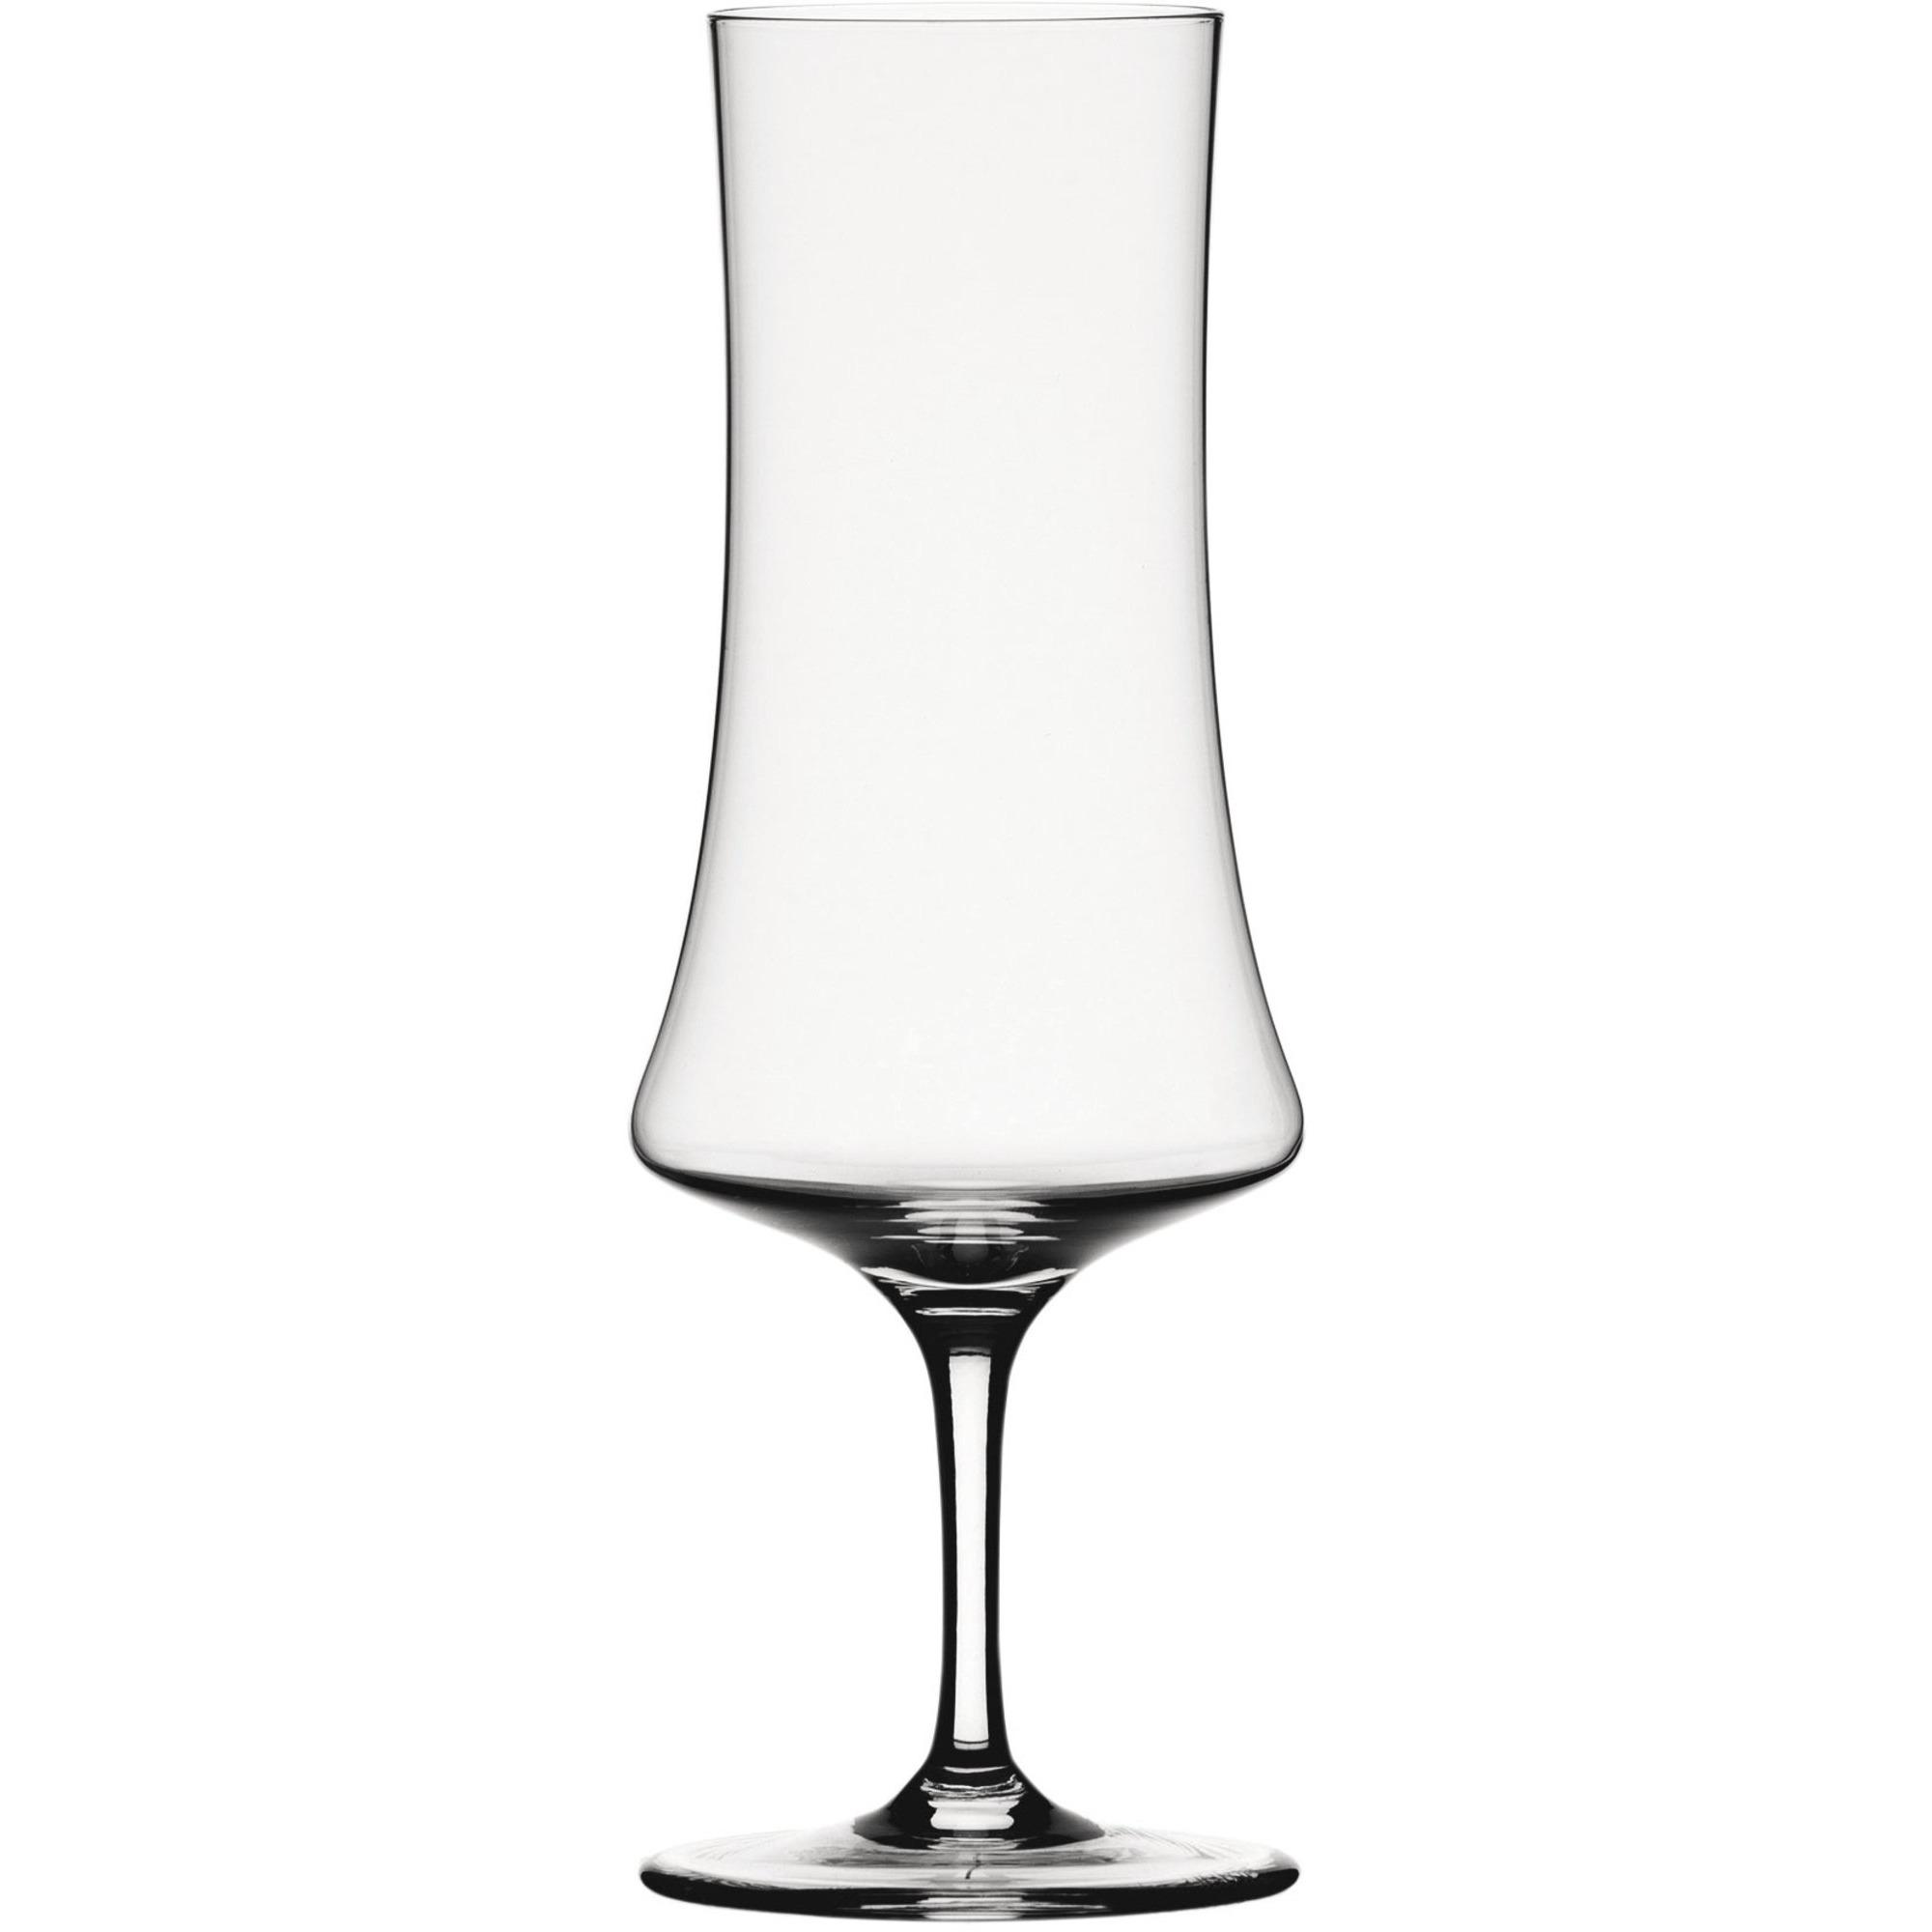 Spiegelau Willsberger Ölglas på fot 35cl 4 Pack